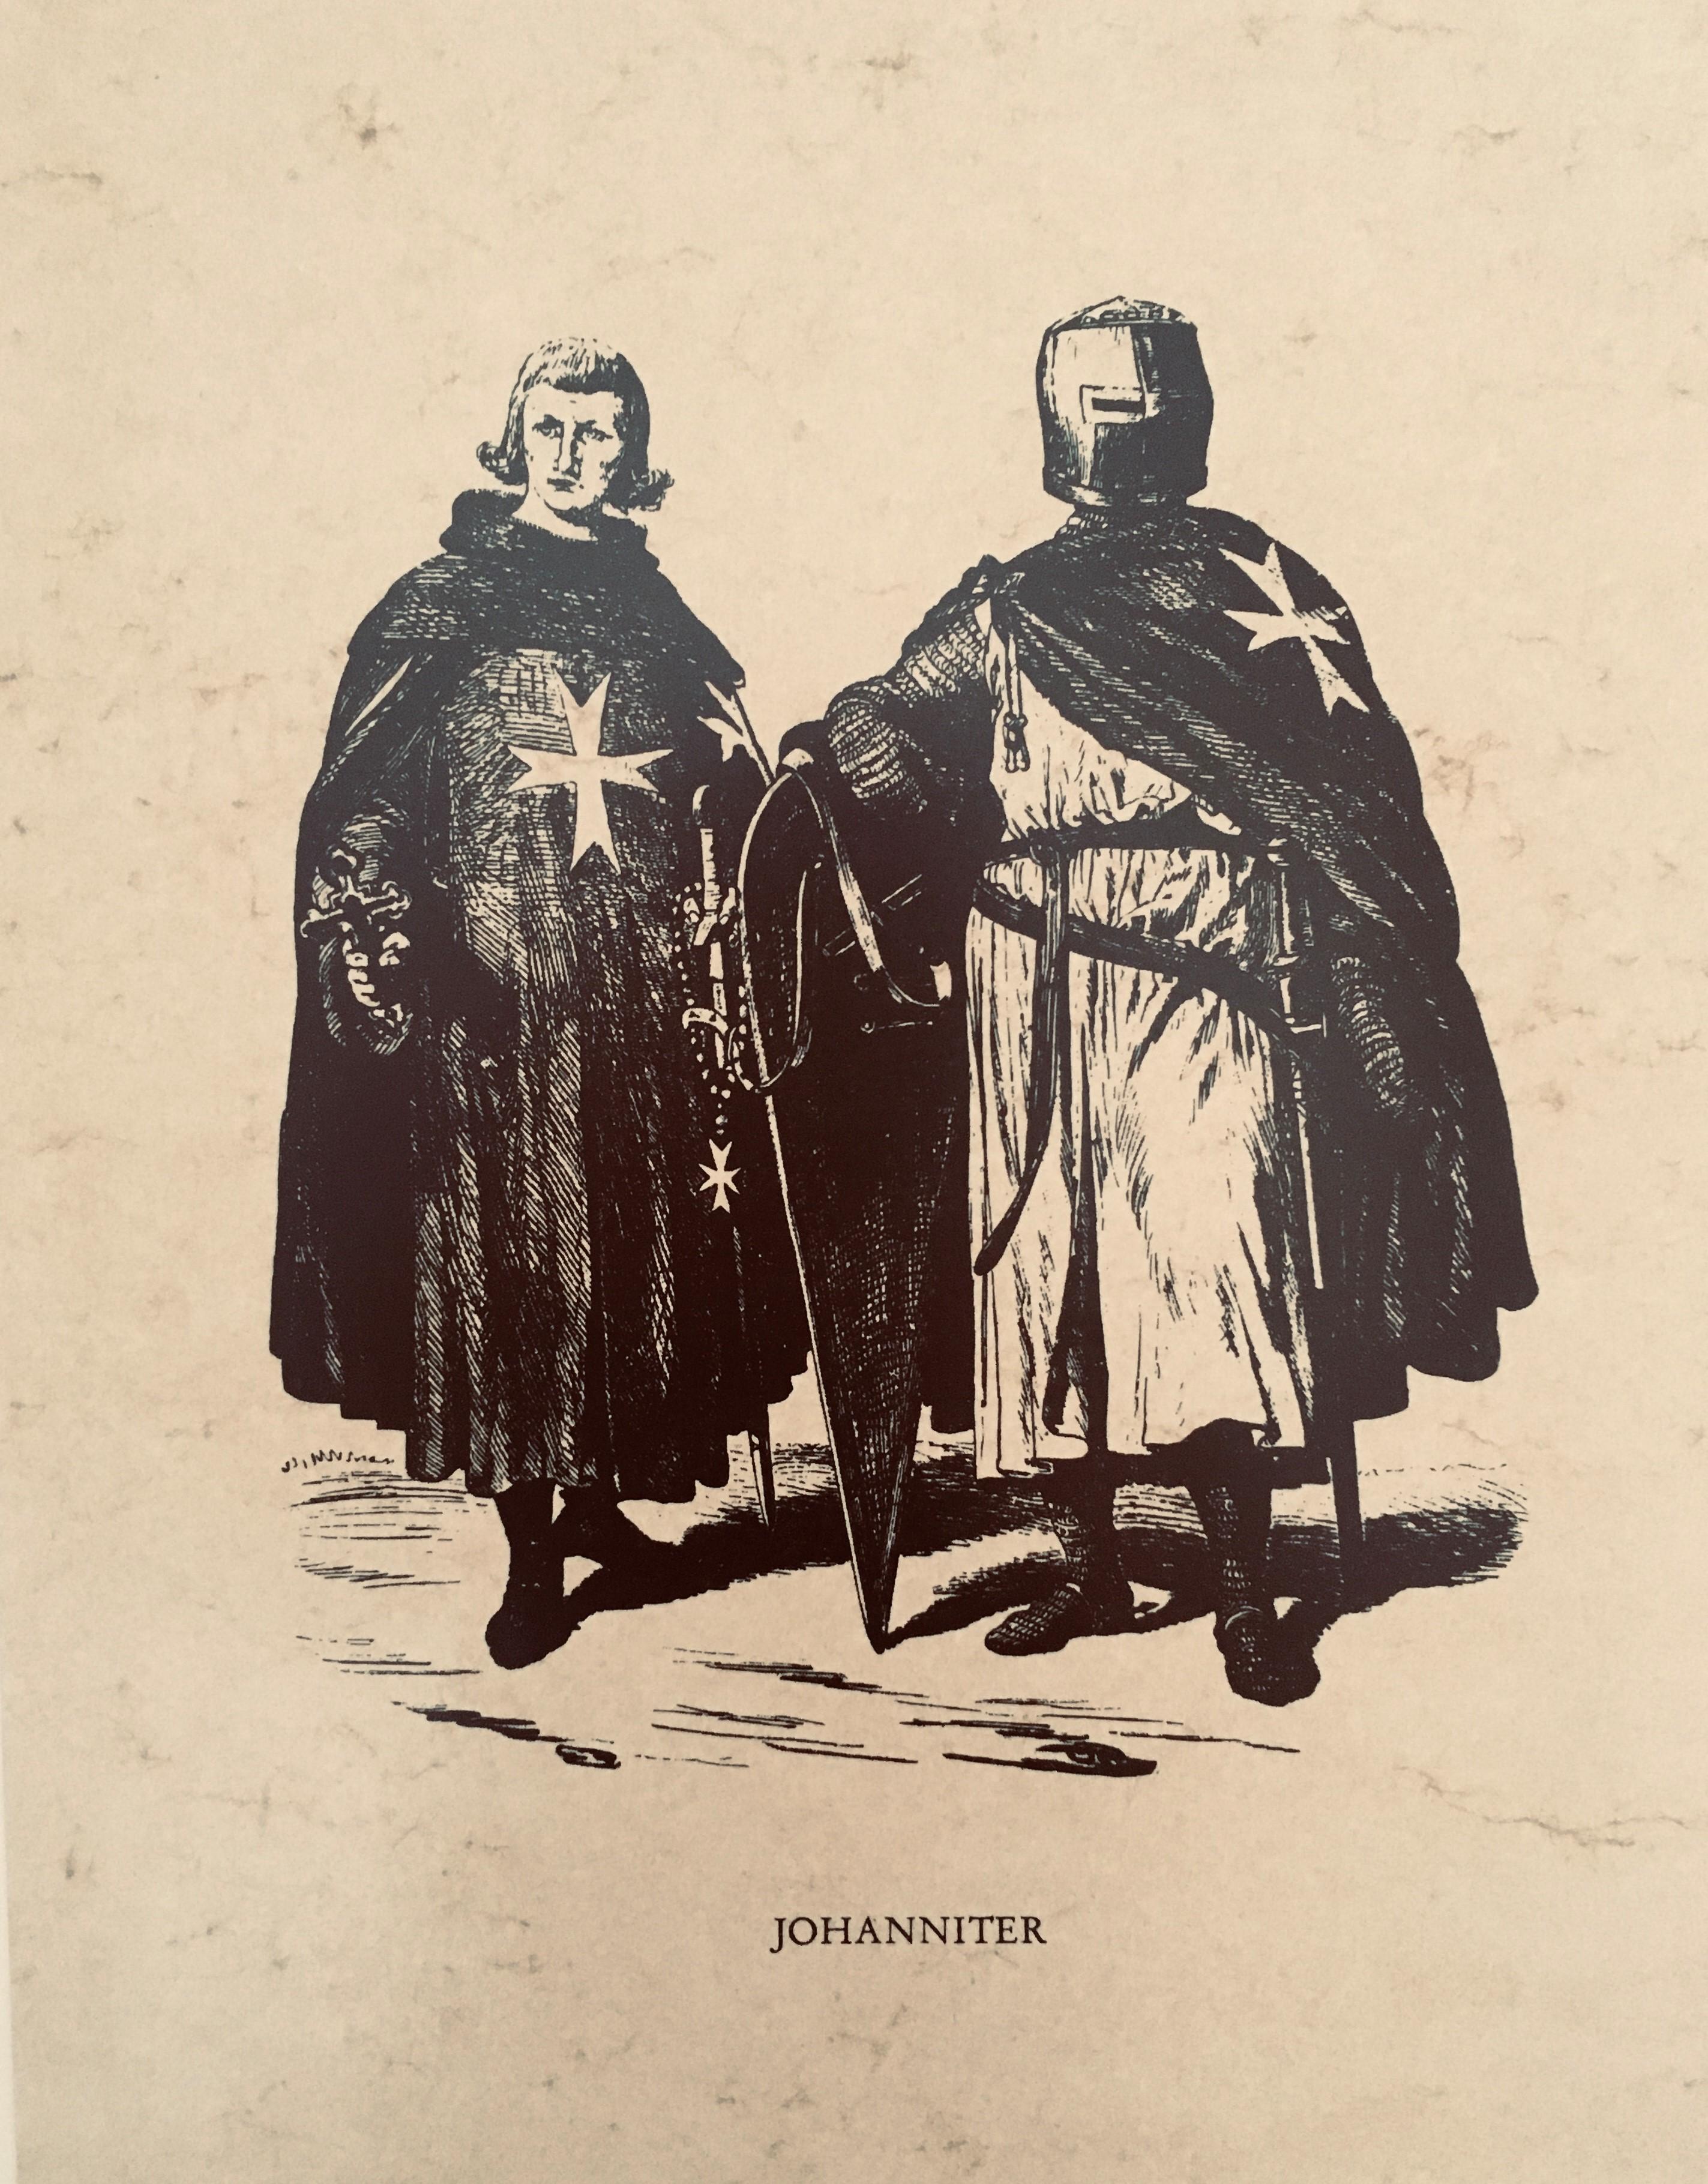 Gemälde mit zwei Johanniter Rittern.